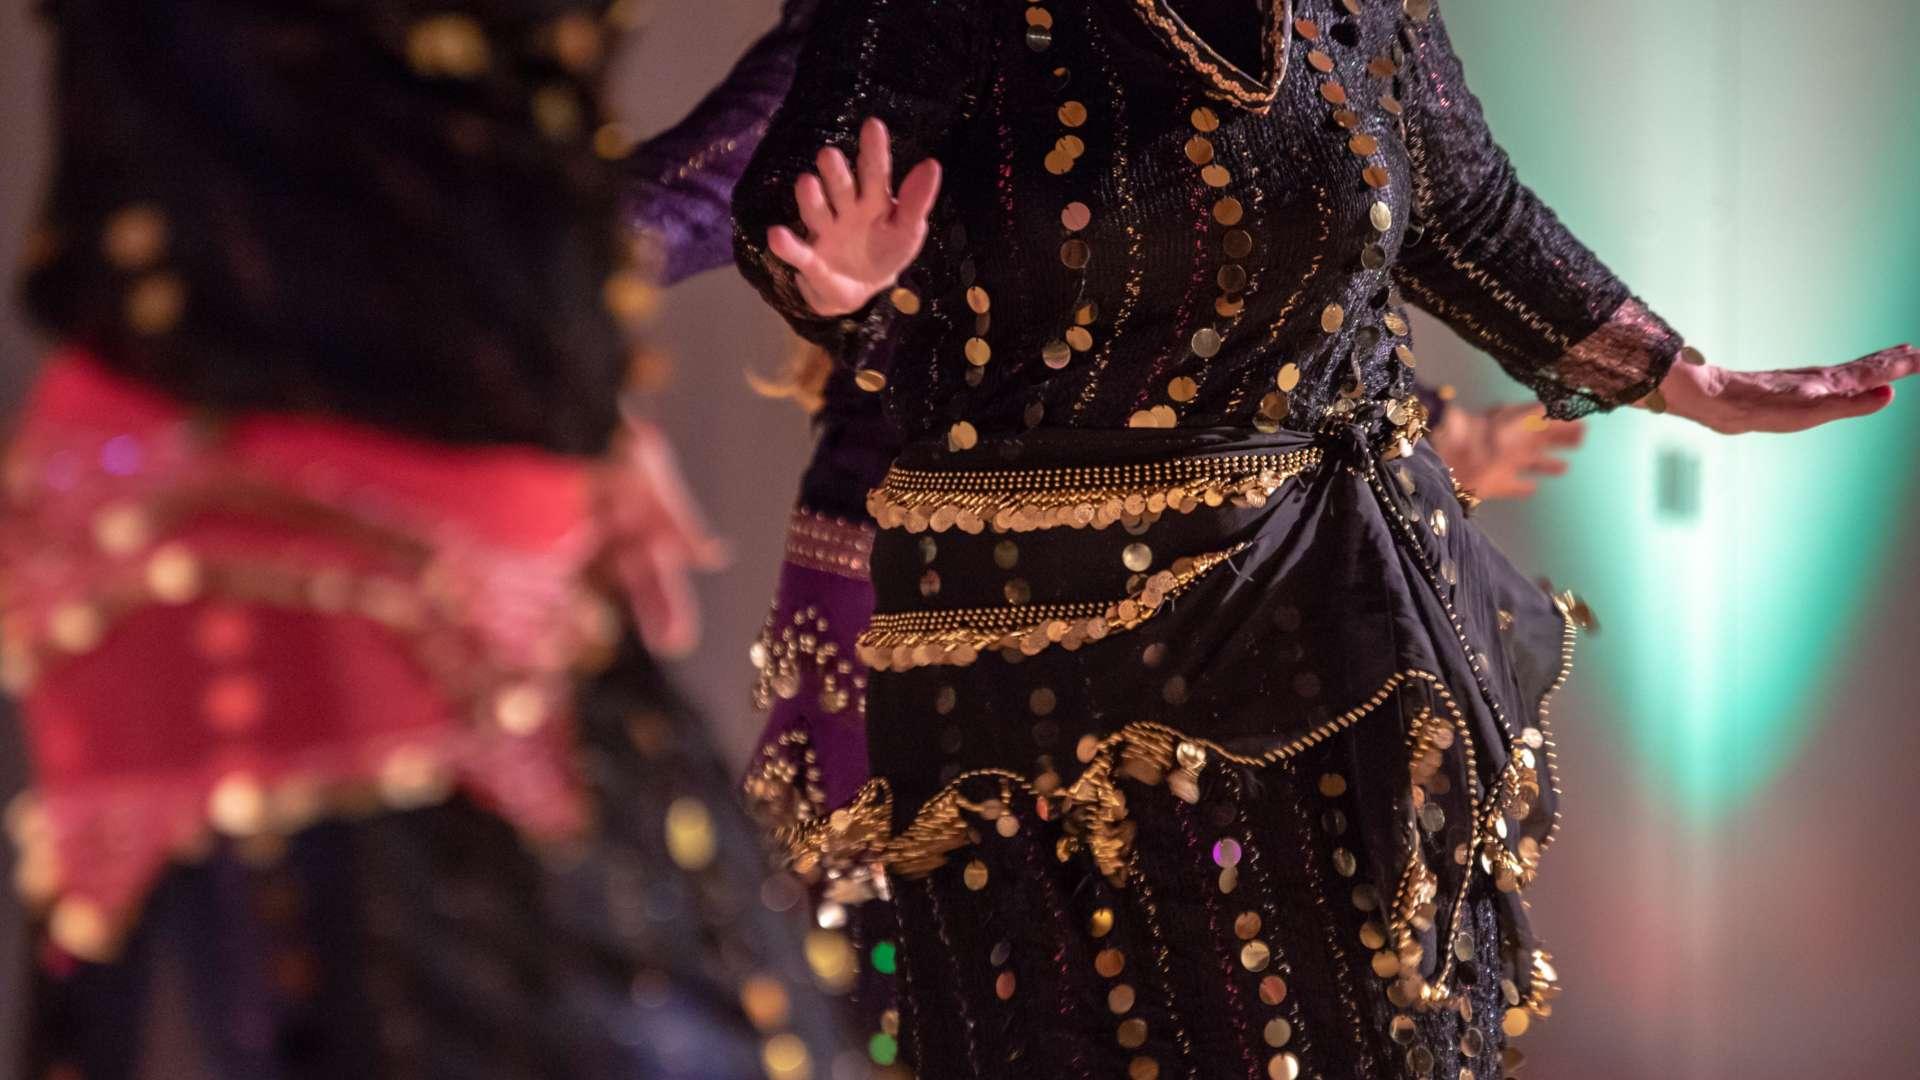 Oriveden seudun kansalaisopiston itämaisen tanssin ryhmä esiintyy tanssinpäivän näytöksessä